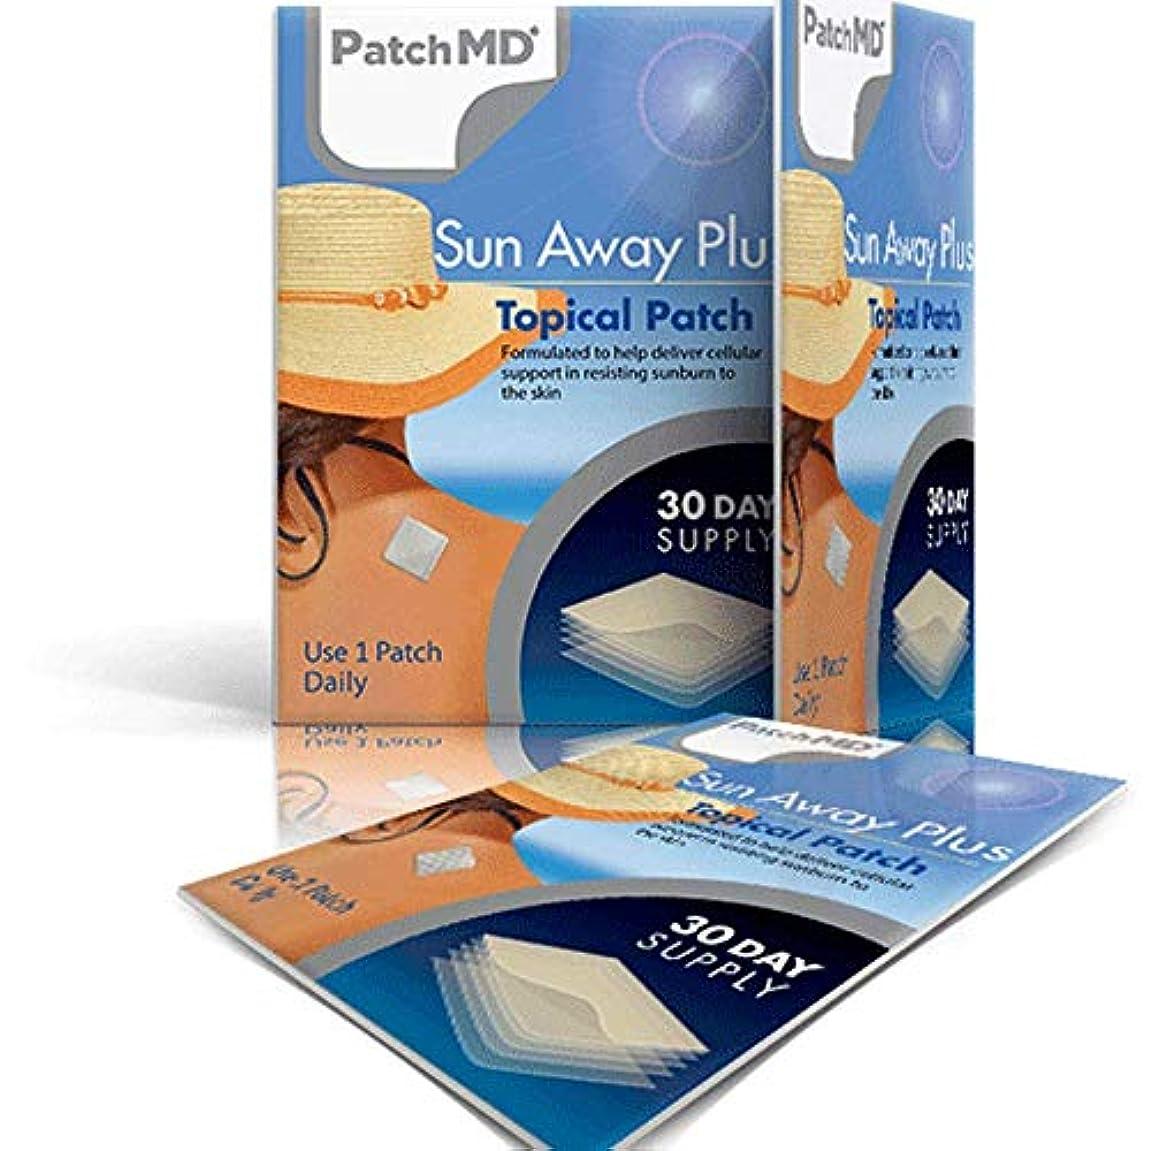 シミュレートする演劇数学的なパッチMD サンアウェイプラス 30パッチ 1袋 Sun Away Plus Topical Patch